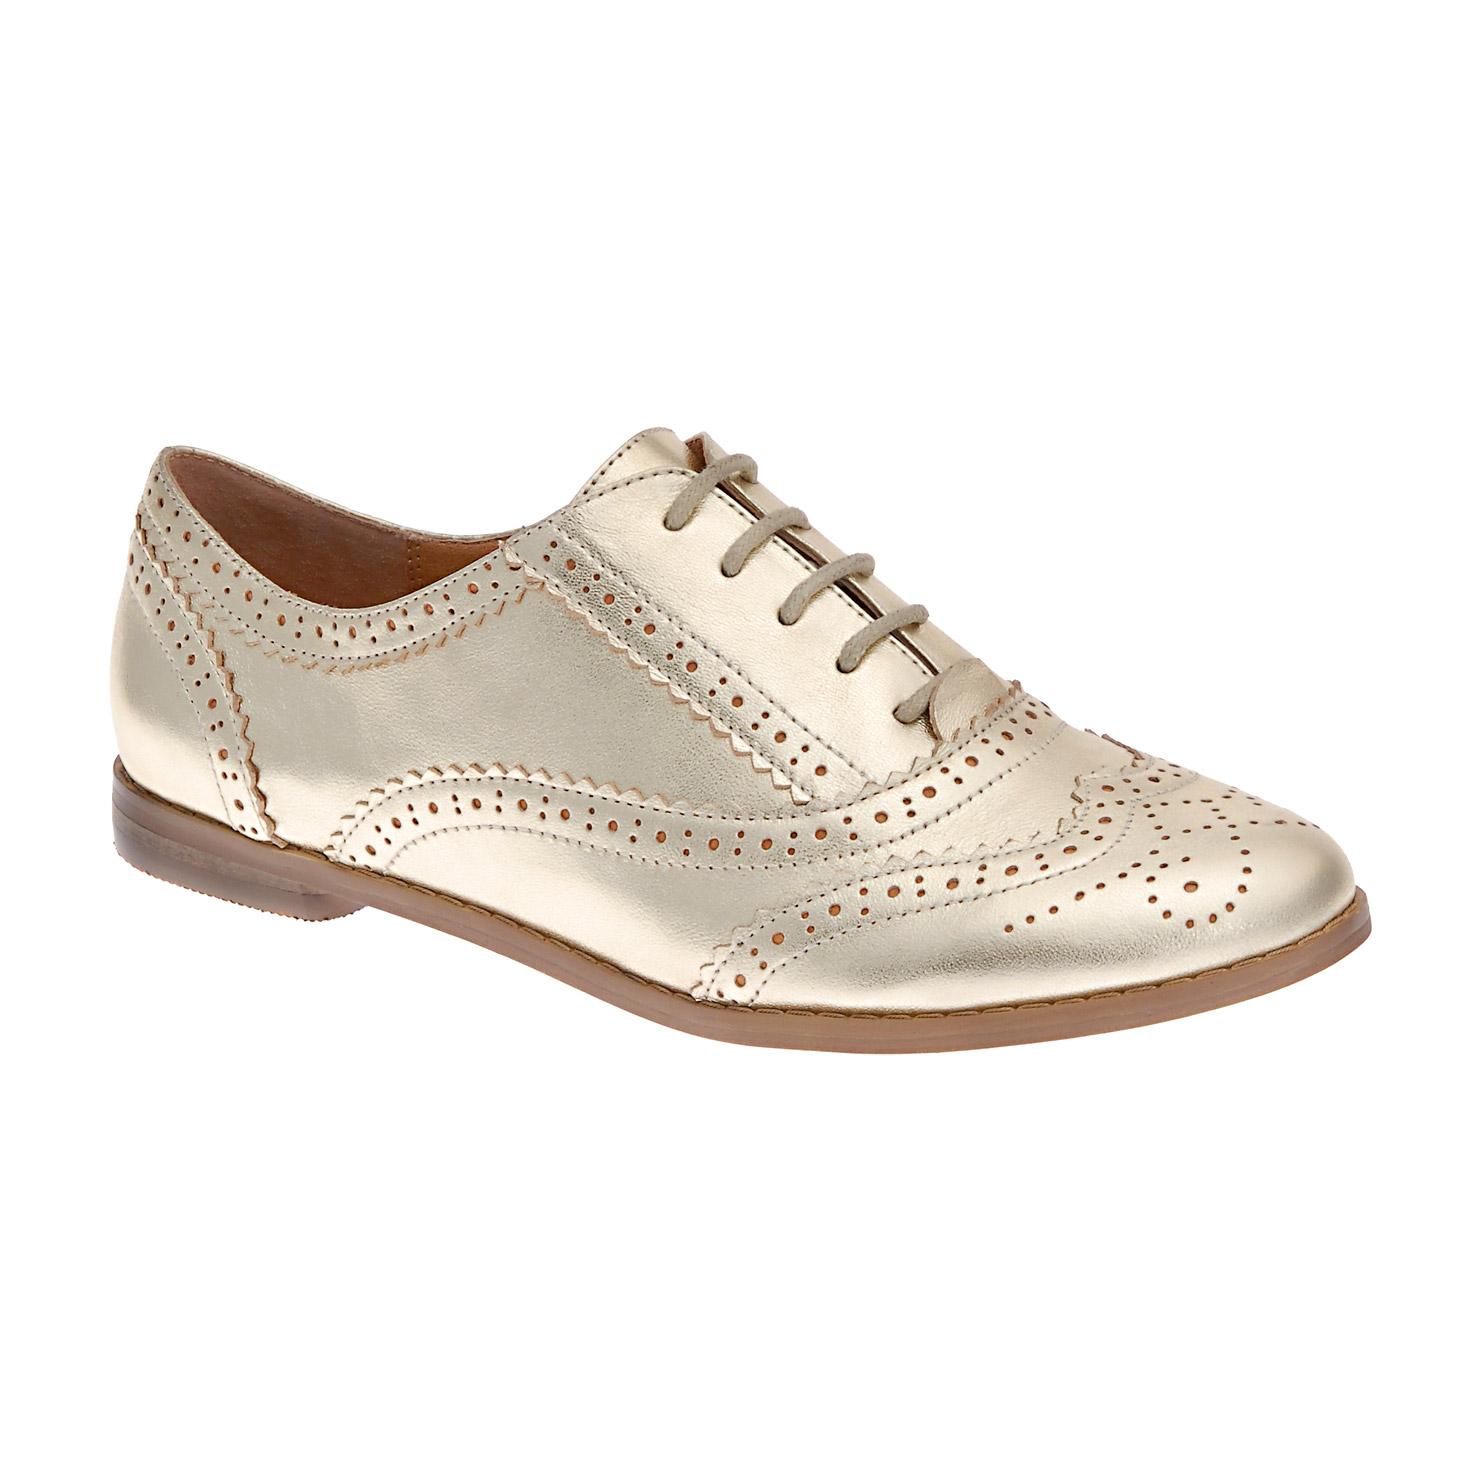 http://2.bp.blogspot.com/_C0gVY0lCY1o/S6yQ9FiX_1I/AAAAAAAAH40/I2PBNPdoTNM/s1600/Women%27s+Brogue+shoe+%2459.98+(on+sale)+aldoshoes.jpg